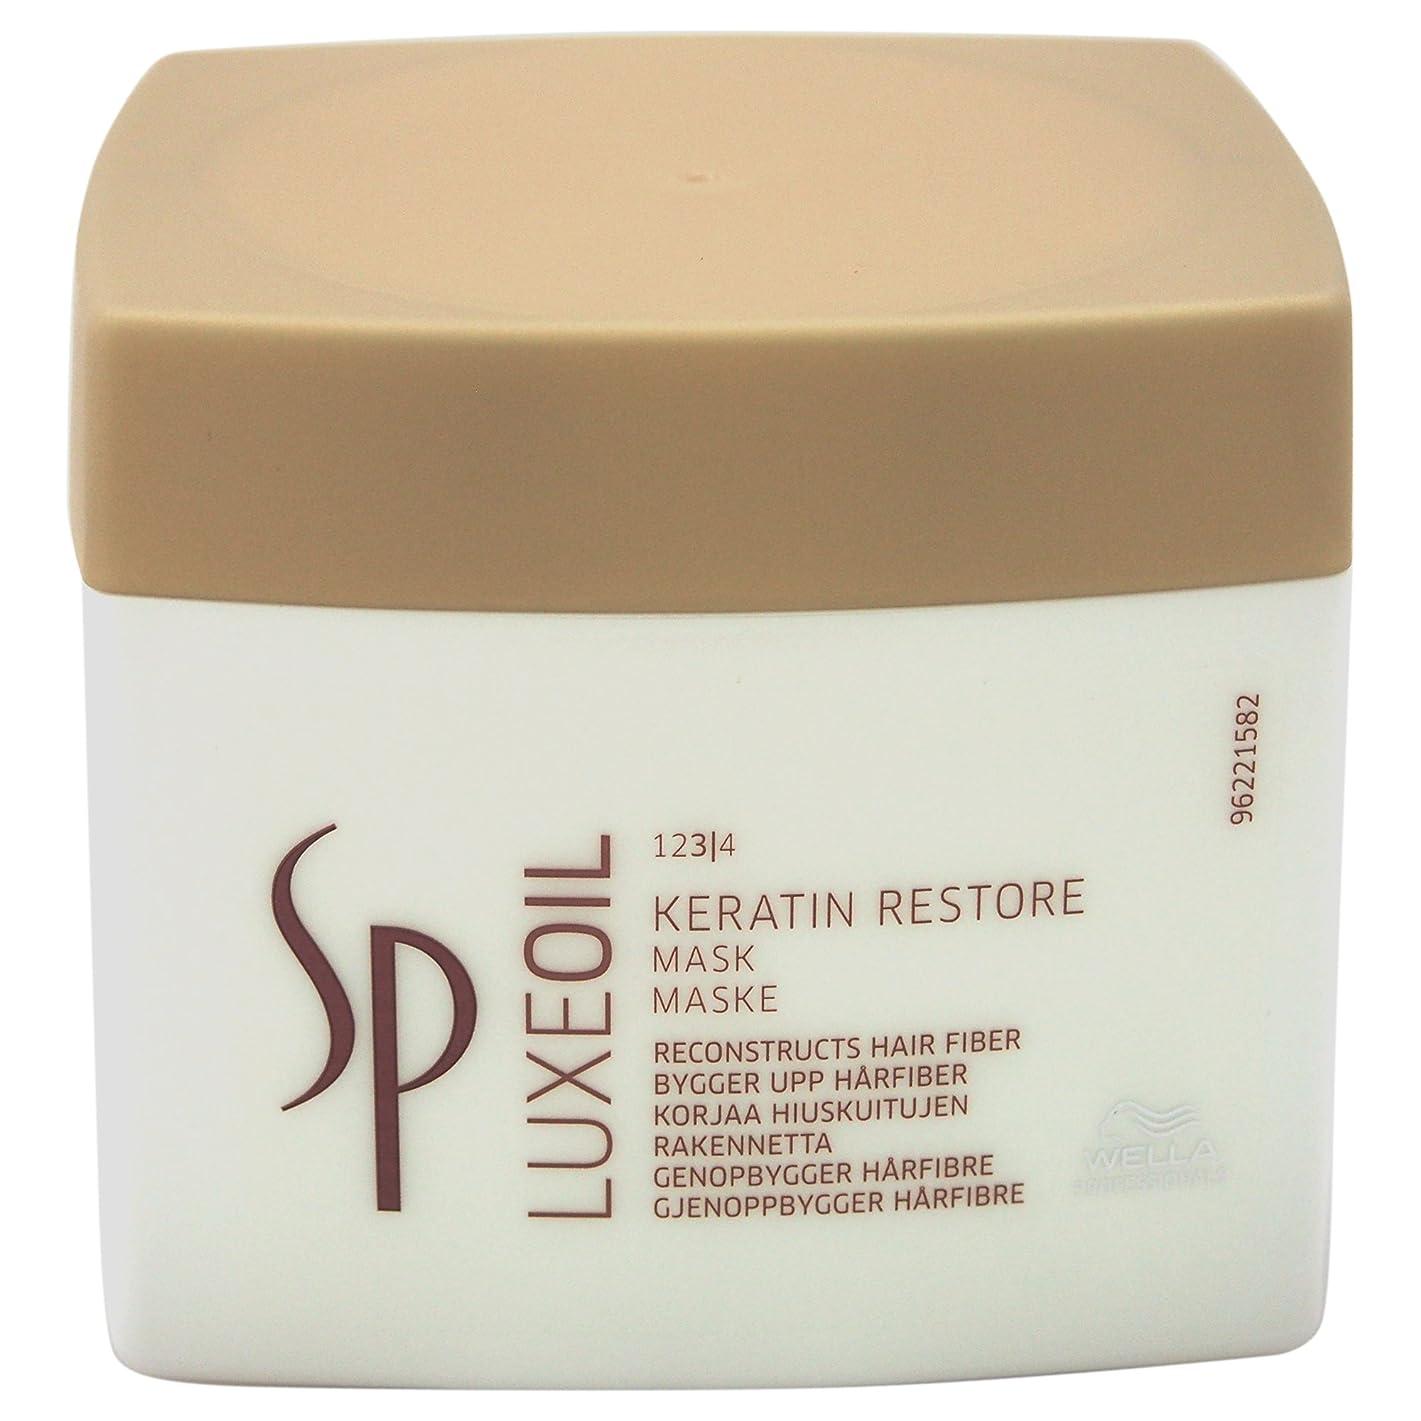 鼓舞する容器原理ウエラ SP リュクス オイル ケラチン リストア マスク Wella SP Luxe Oil Keratin Restore Mask 400ml [並行輸入品]